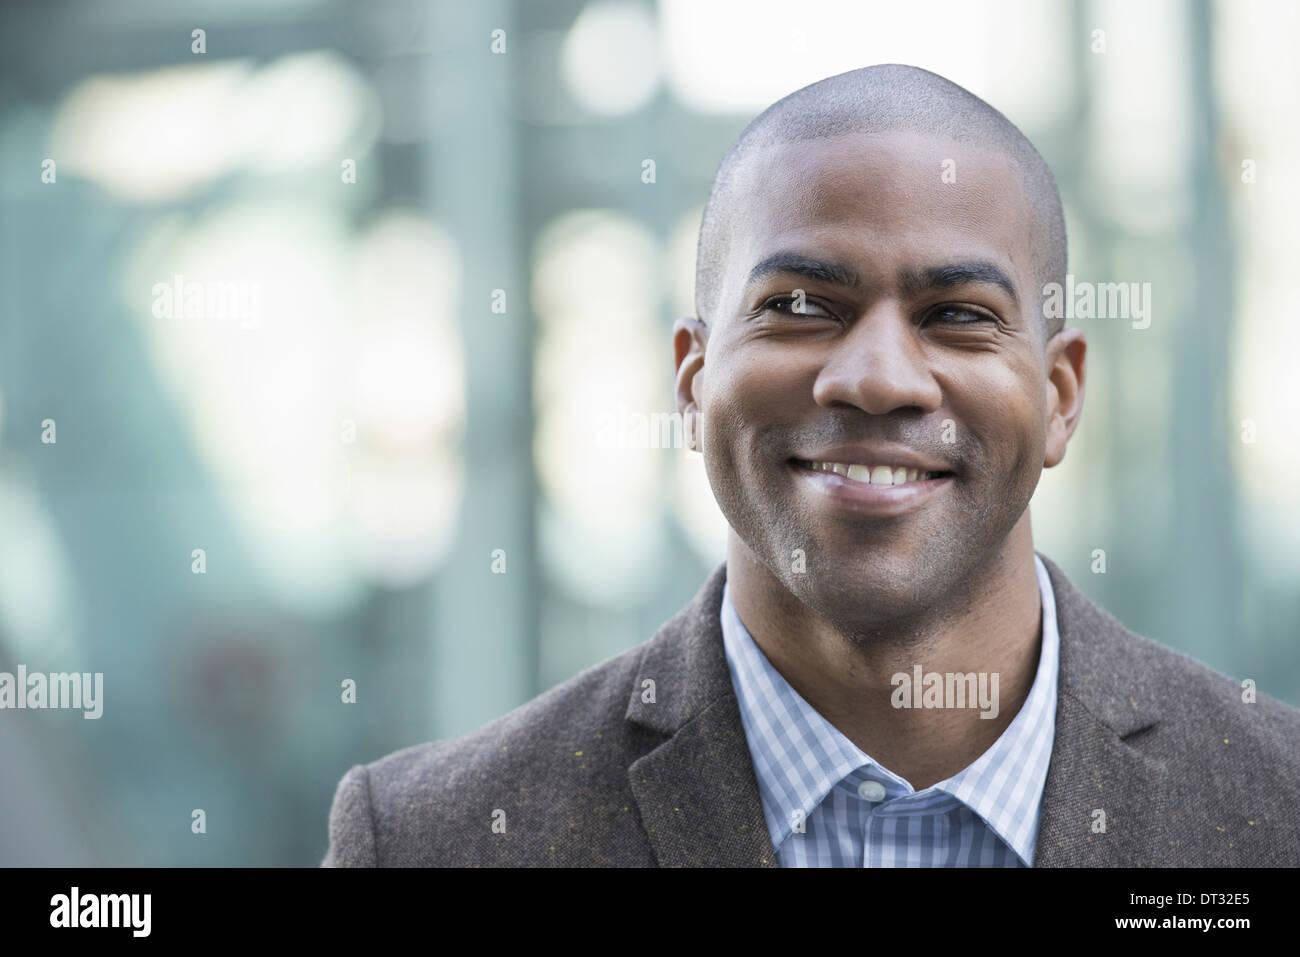 Ein Mann in Anzug und Krawatte lächelnd und Blick in die Ferne Stockbild